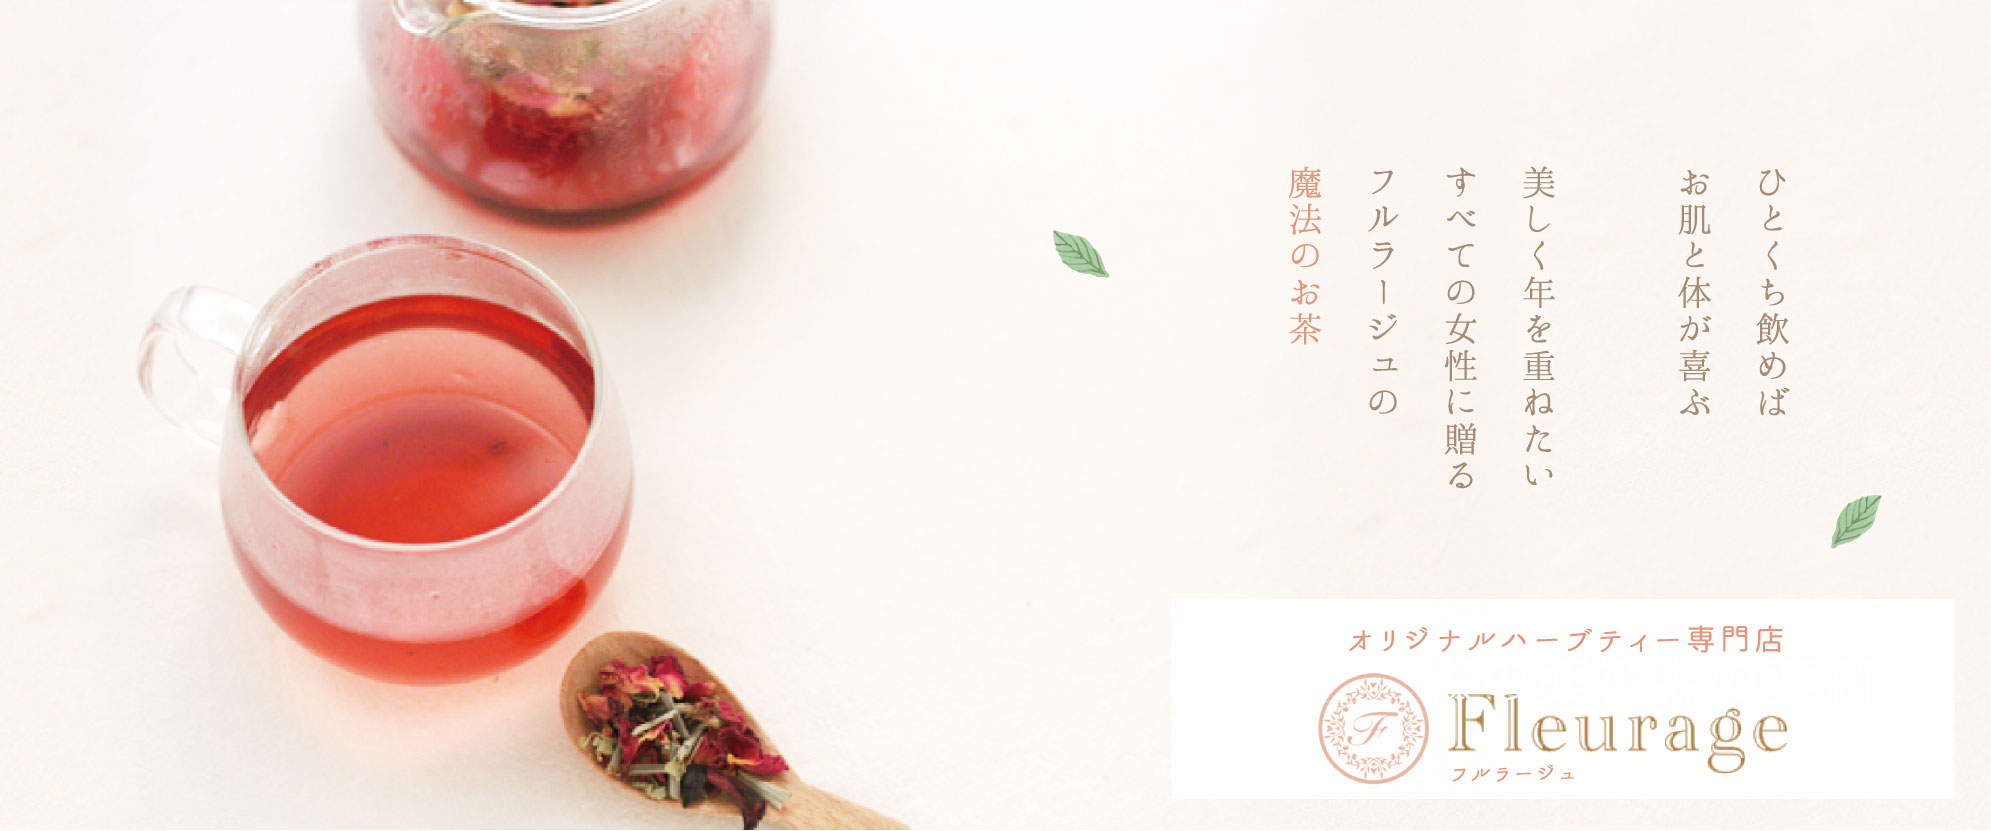 熊本 荒尾・福岡 大牟田 美と健康のためのハーブティー専門店&ハーブ教室 Fleurage*フルラージュ*